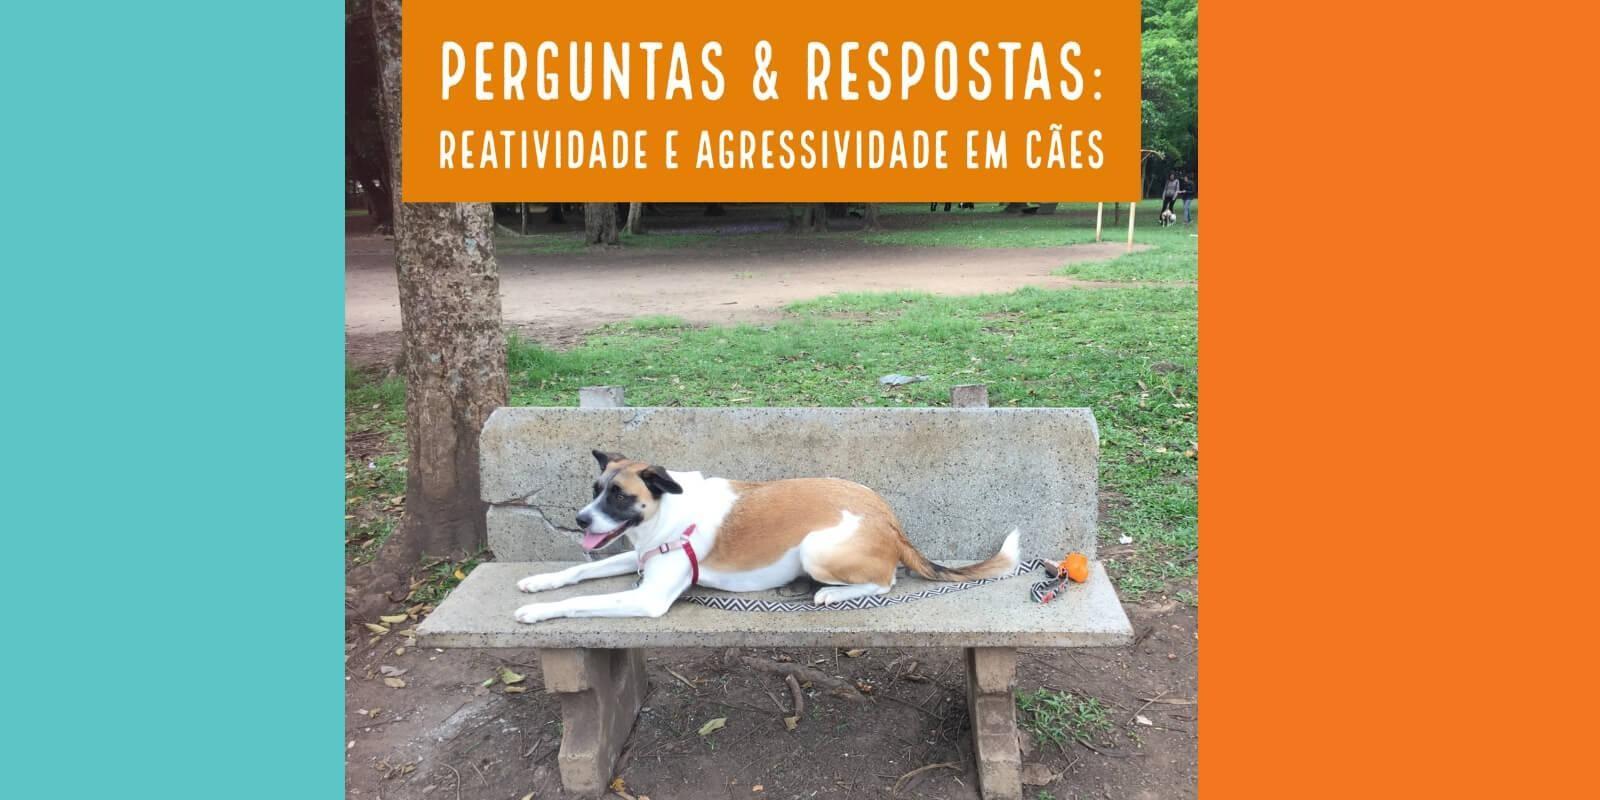 Lambeijos, Carla Ruas - Casos Reais: Reatividade e Agressividade em Cães